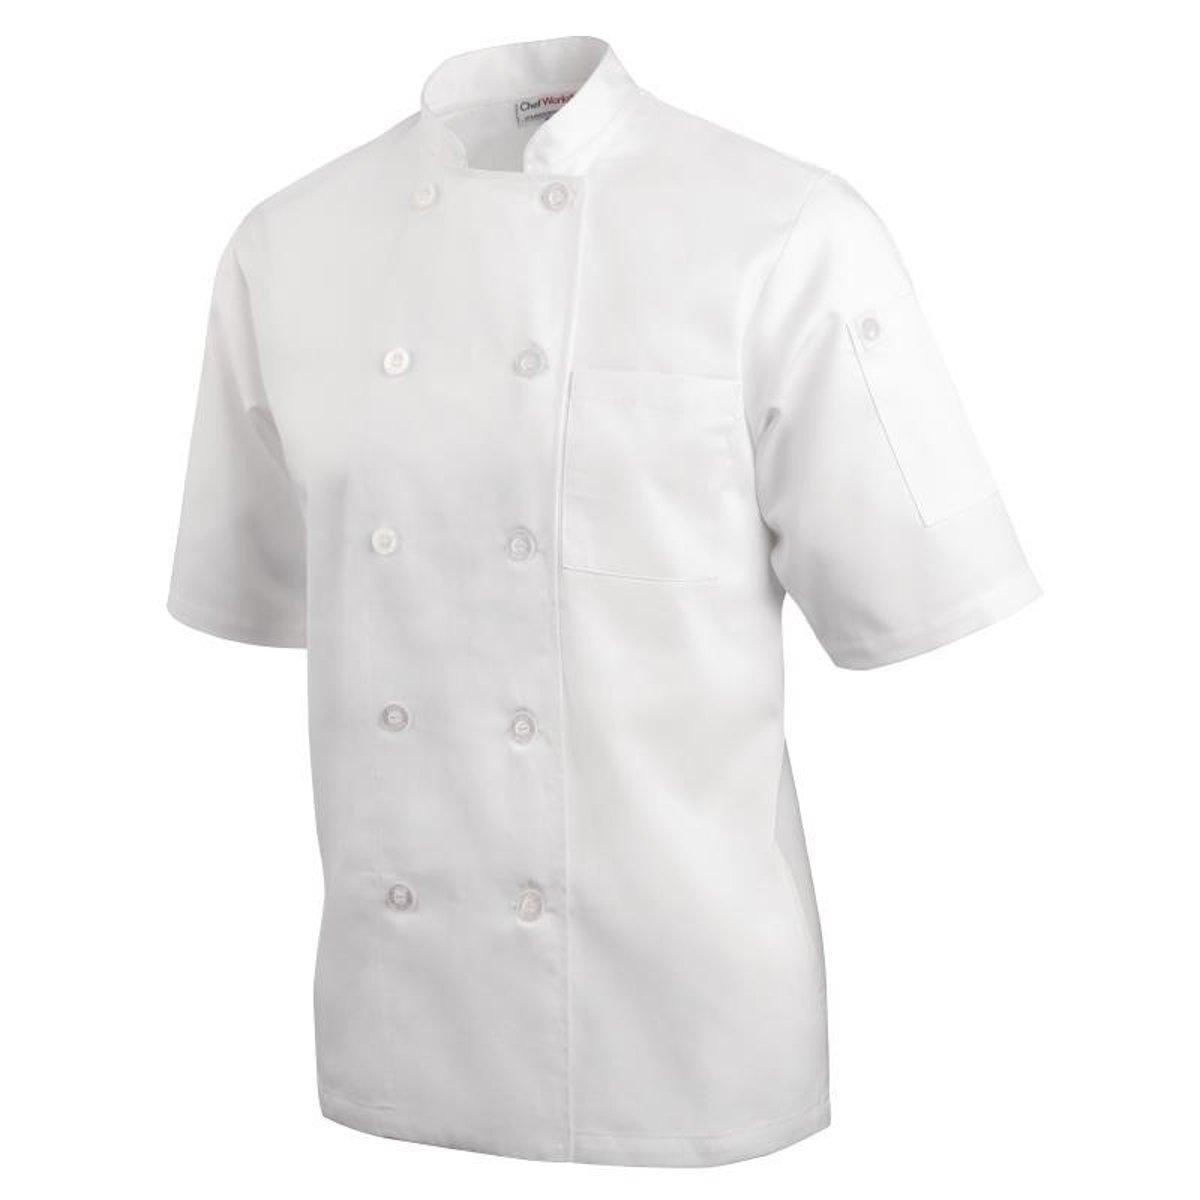 Chef Works koksbuis Monteal (maat S) kopen